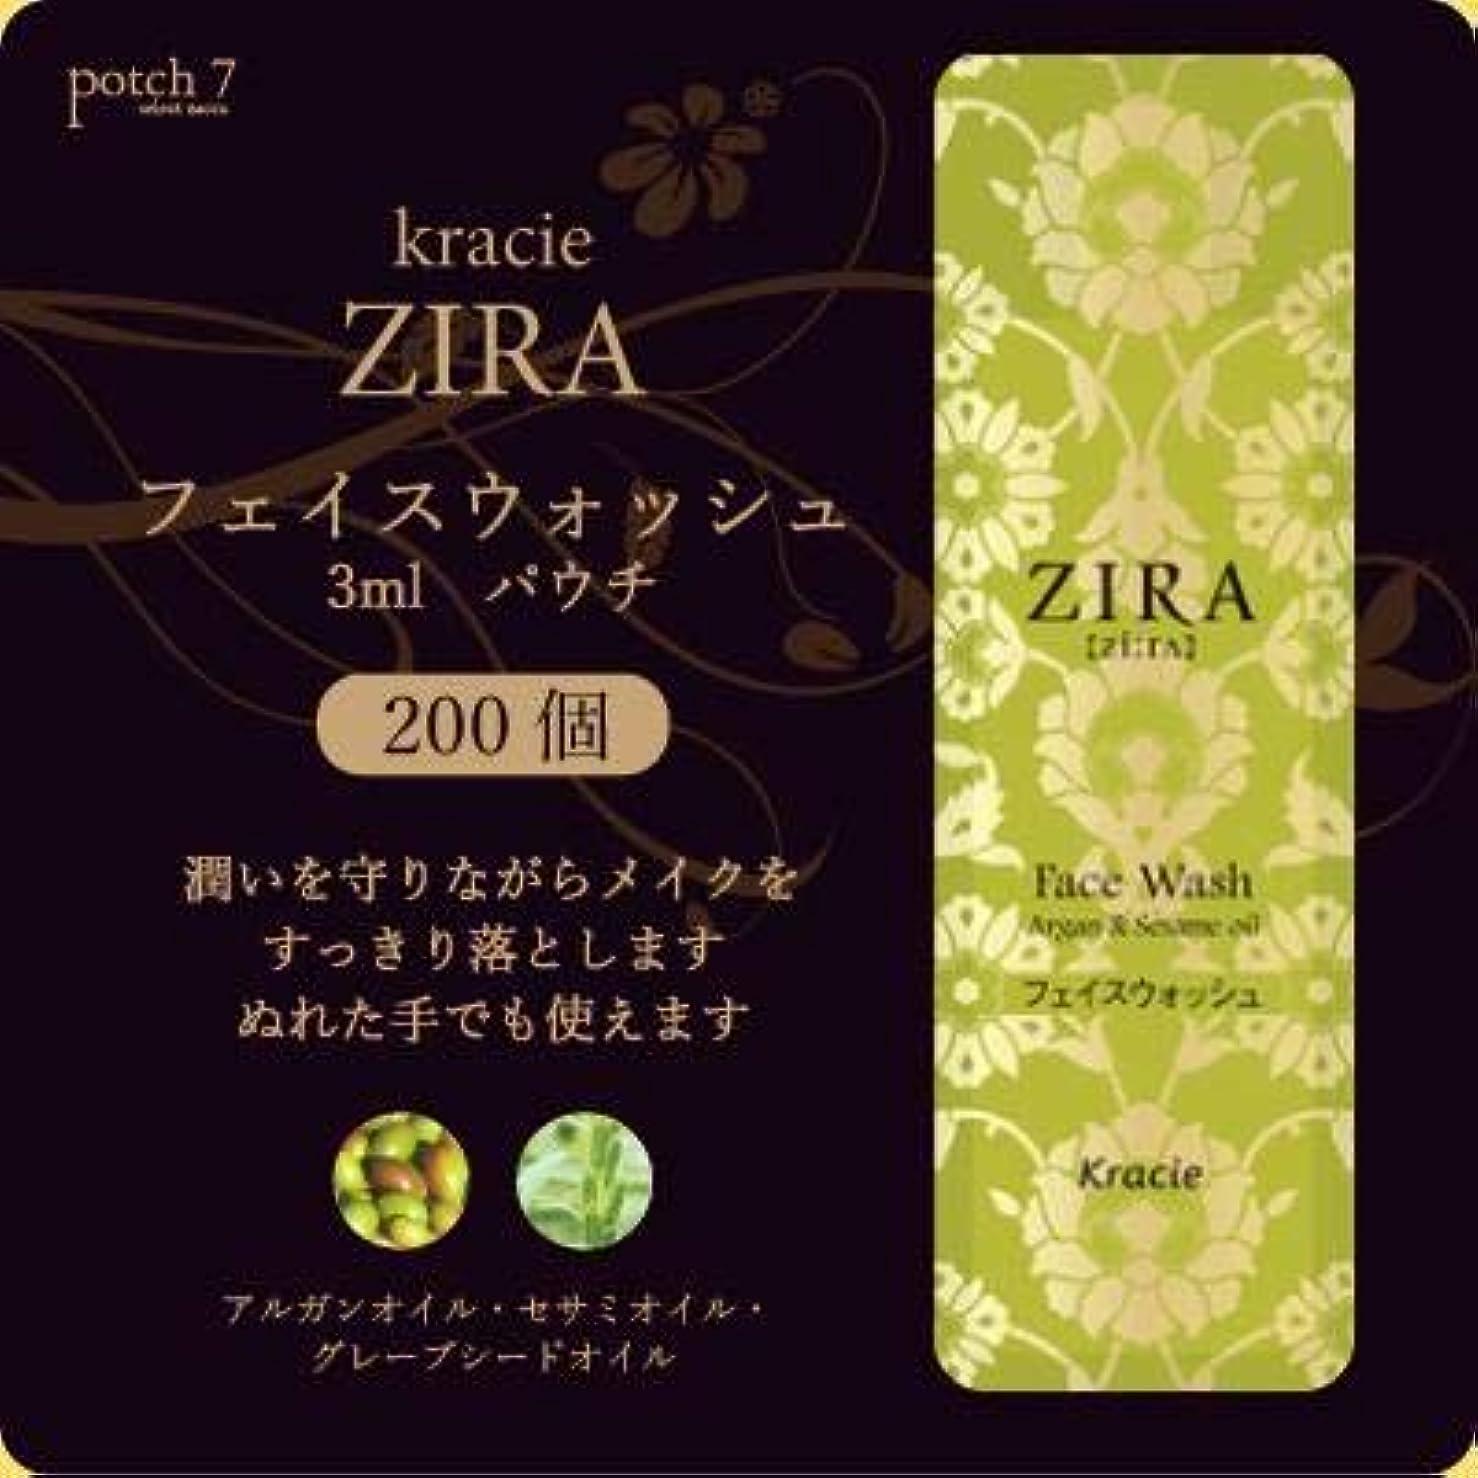 出版推進束Kracie クラシエ ZIRA ジーラ フェイスウオッシュ 洗顔 パウチ 3ml 200個入